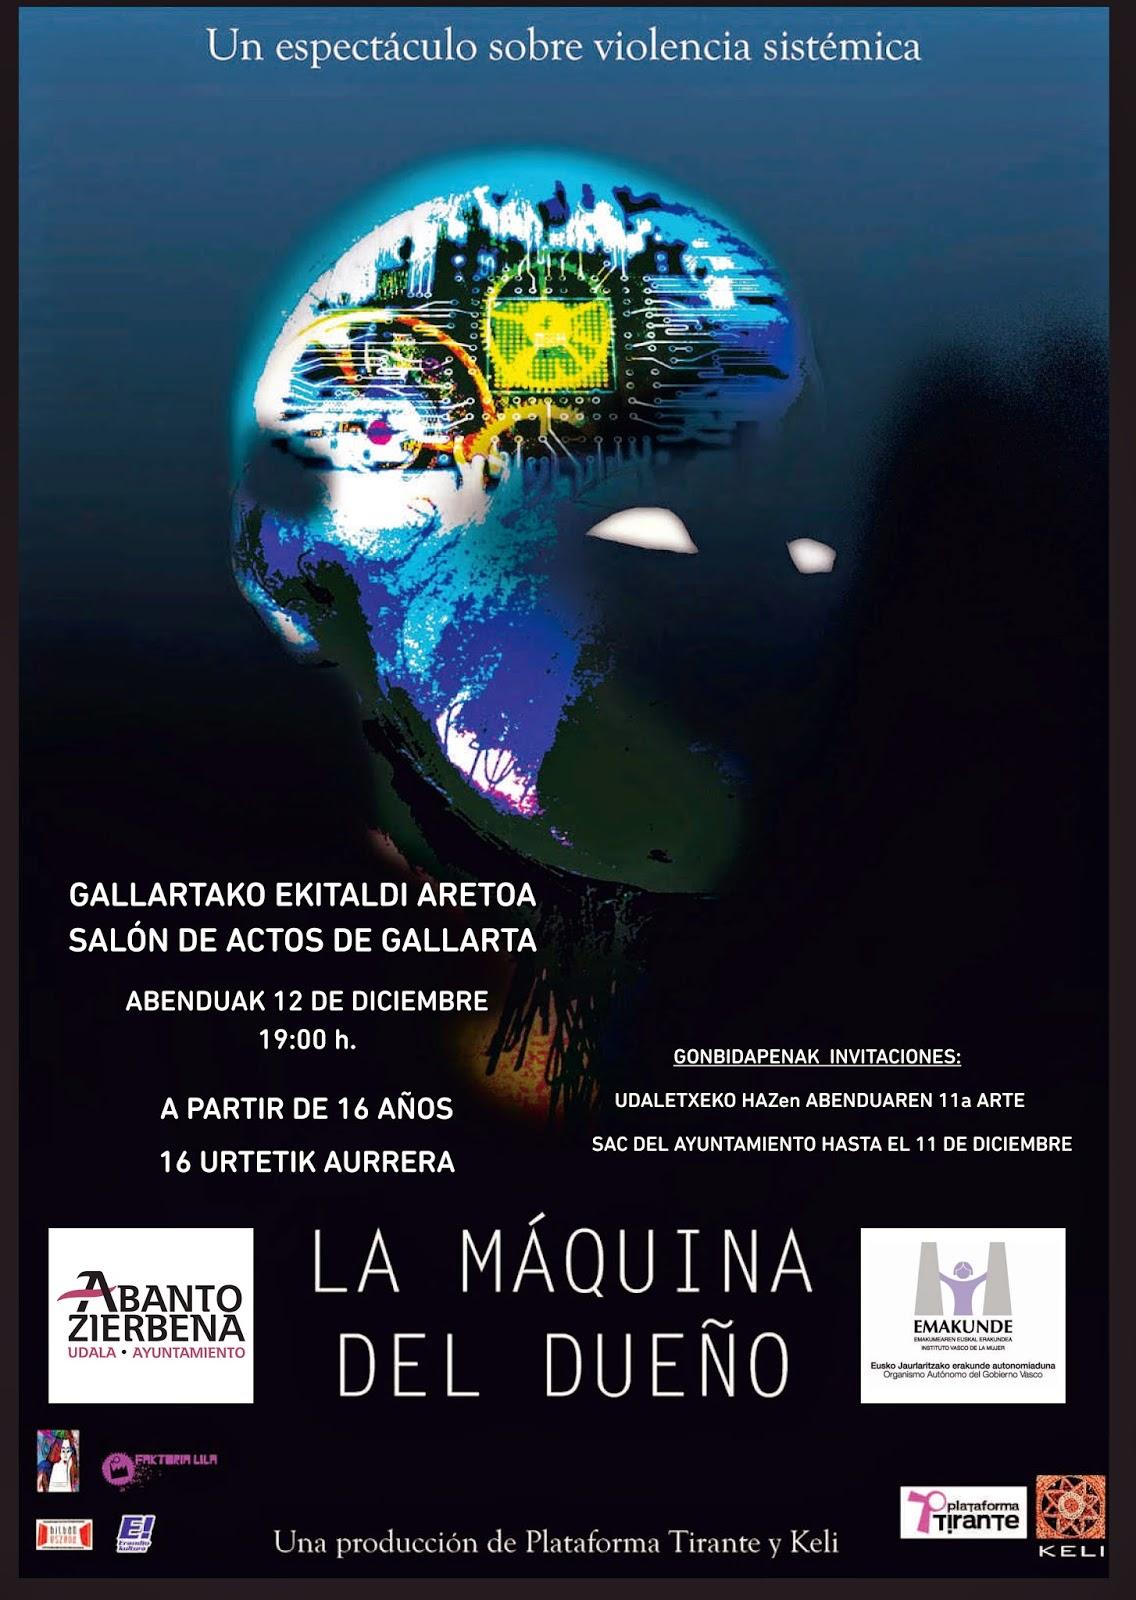 La obra de teatro La Máquina del Dueño llega a Abanto